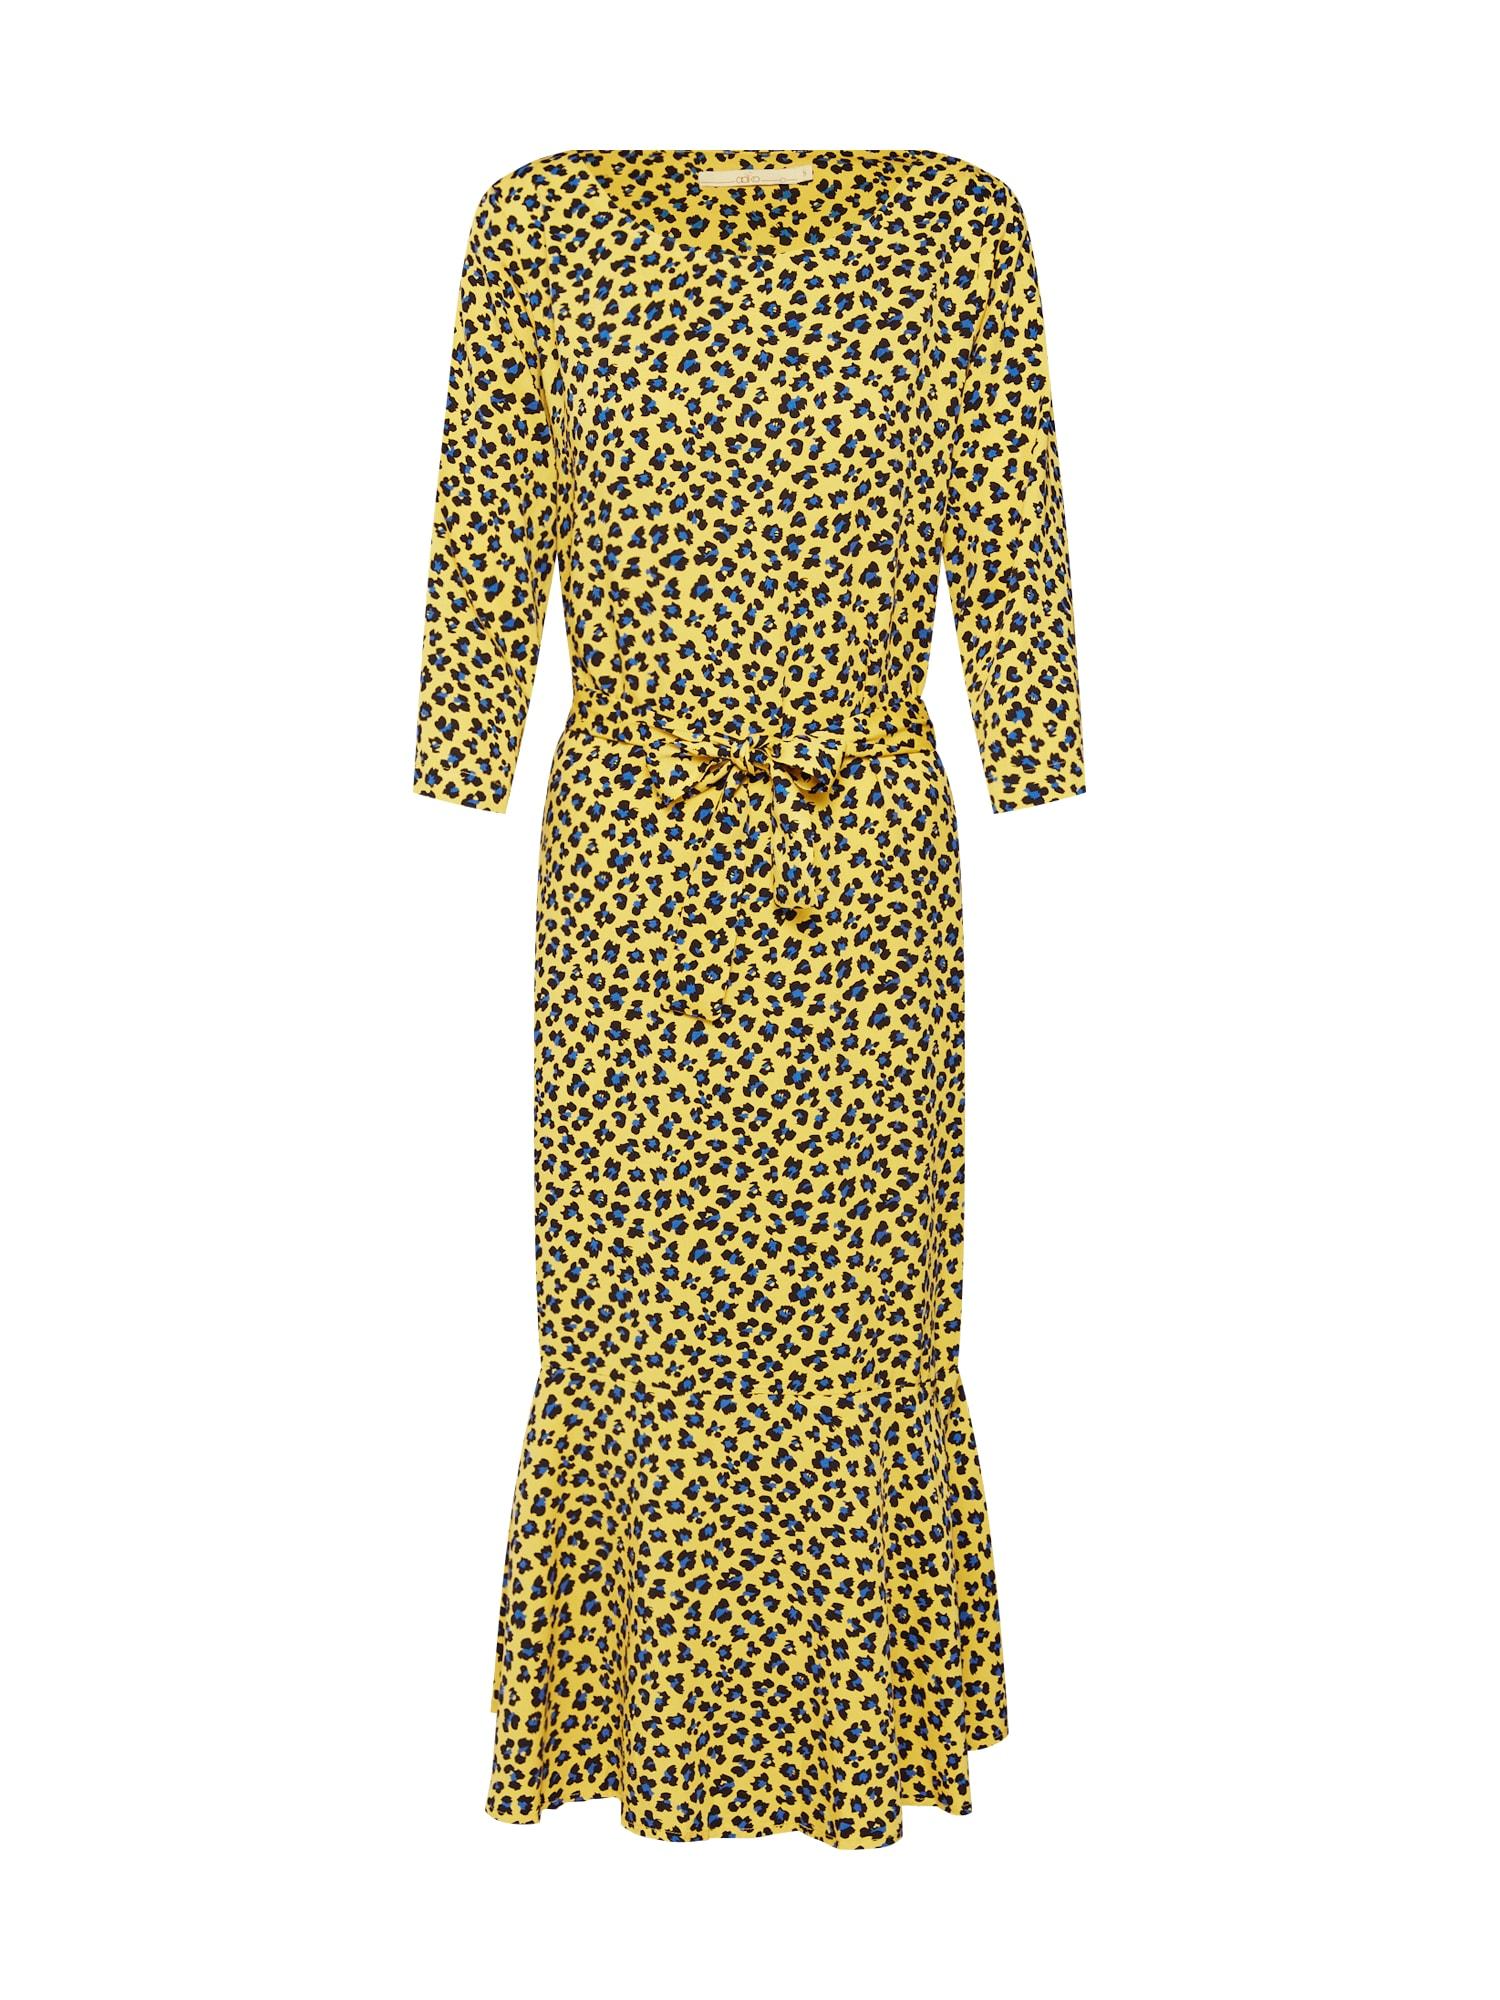 a3562aa2f169d7 Maxi jurken met lange mouwen dragen  Vind inspiratie op Jurken.com!